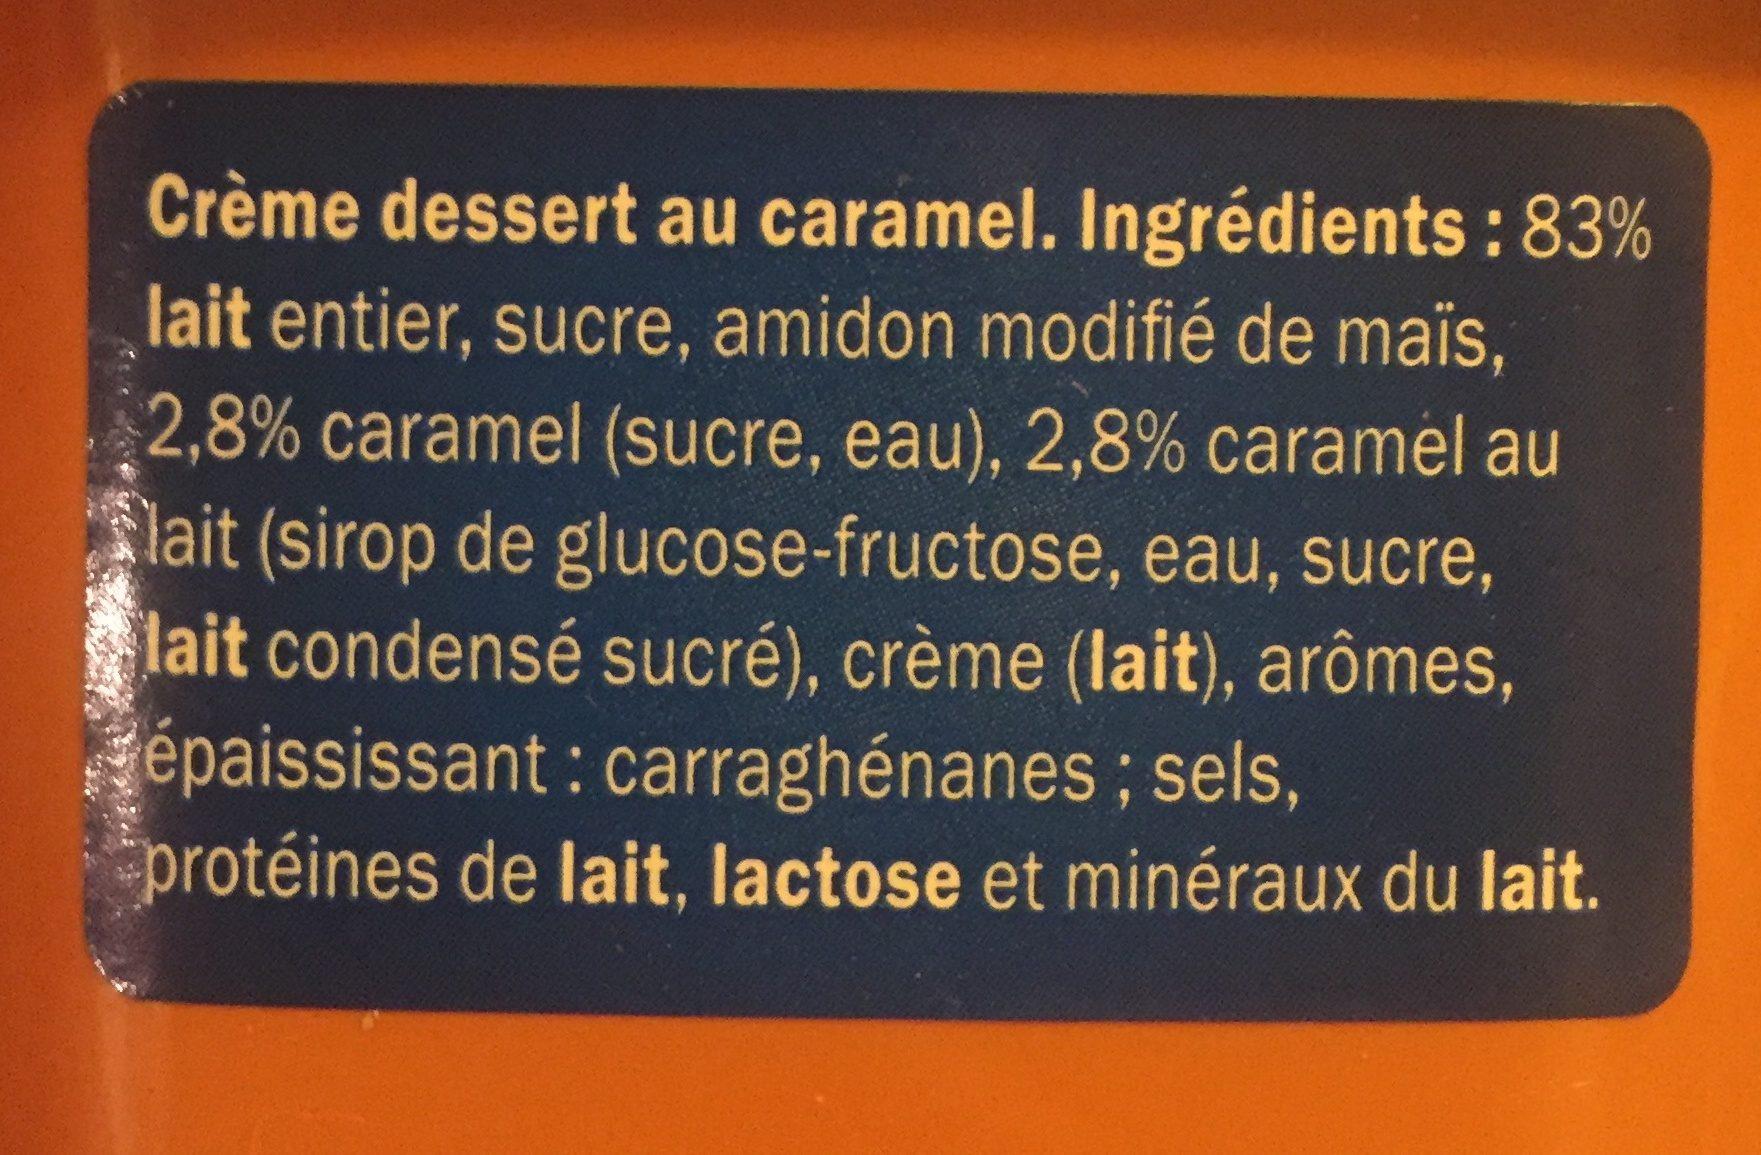 Crème dessert caramel - Ingrédients